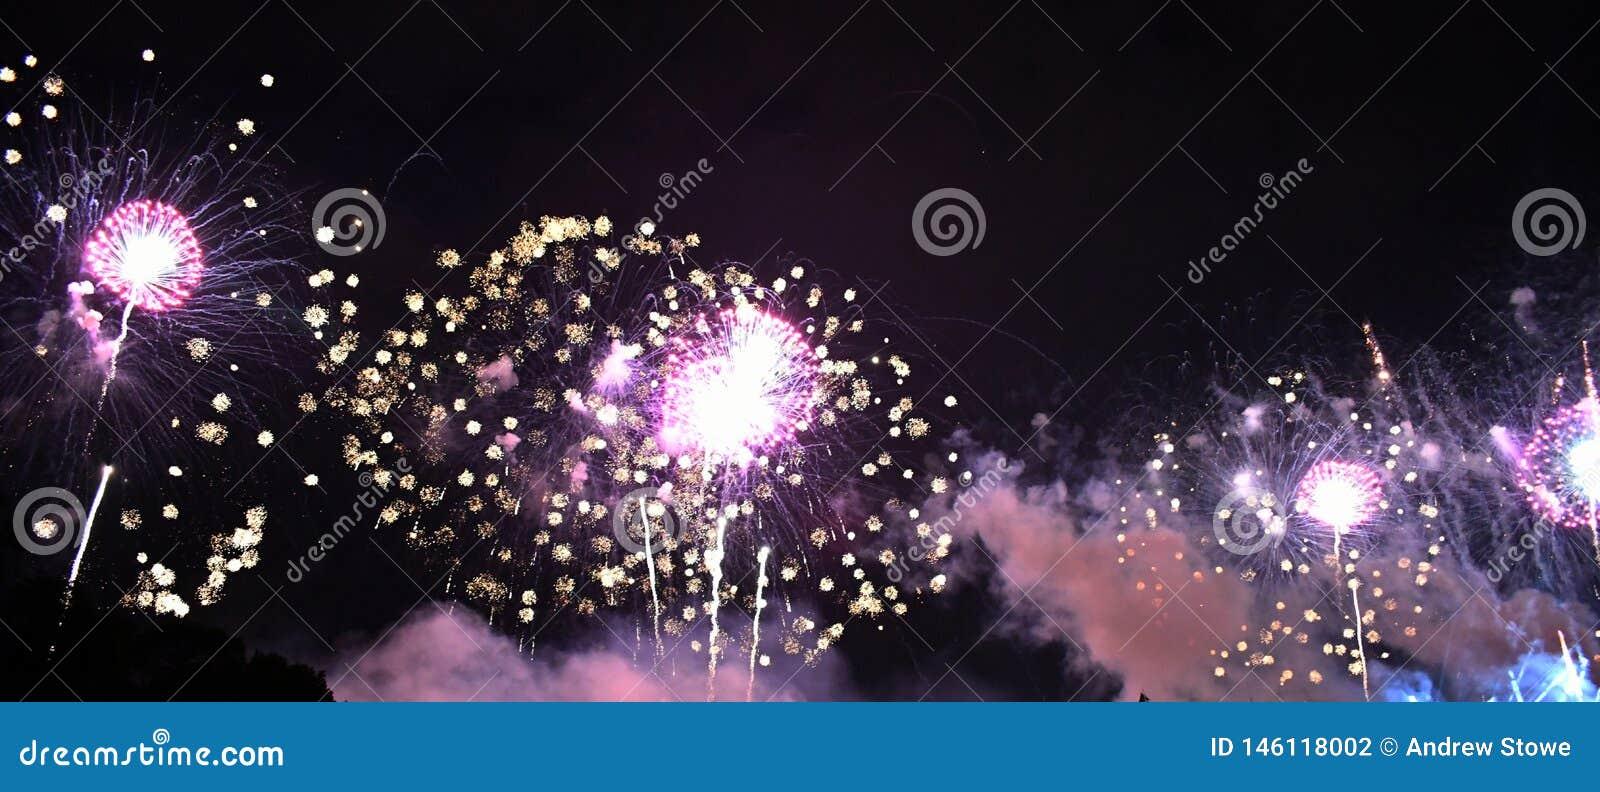 Fuegos artificiales púrpuras en cielo